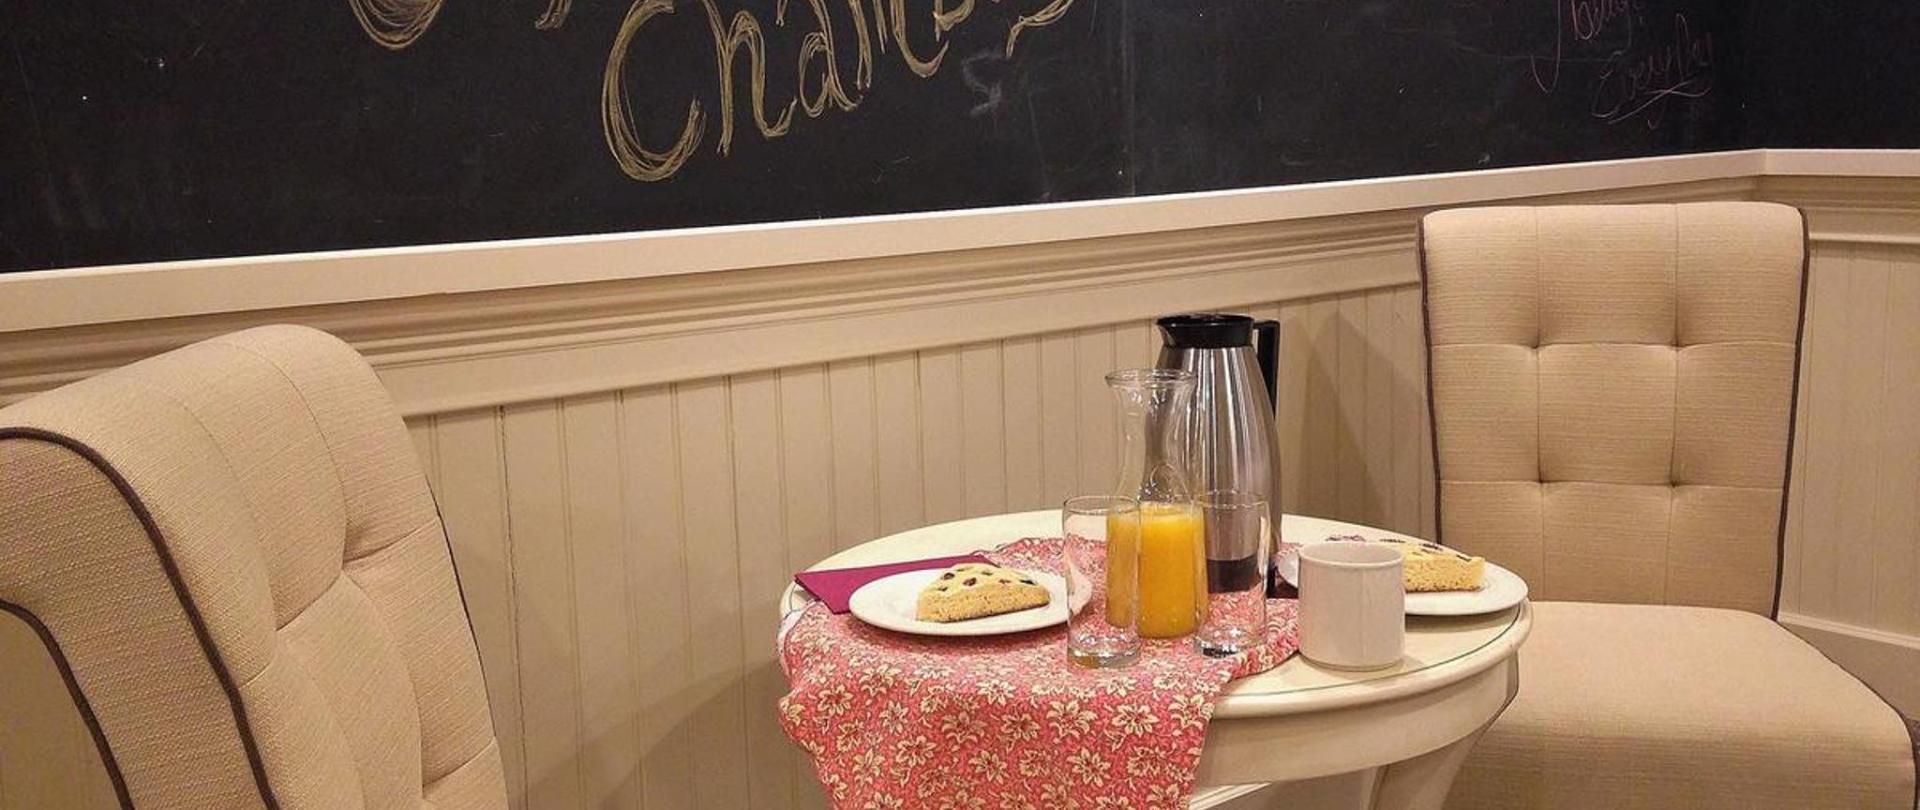 chambery inn bed and breakfast lee massachusetts u2013 chambery inn